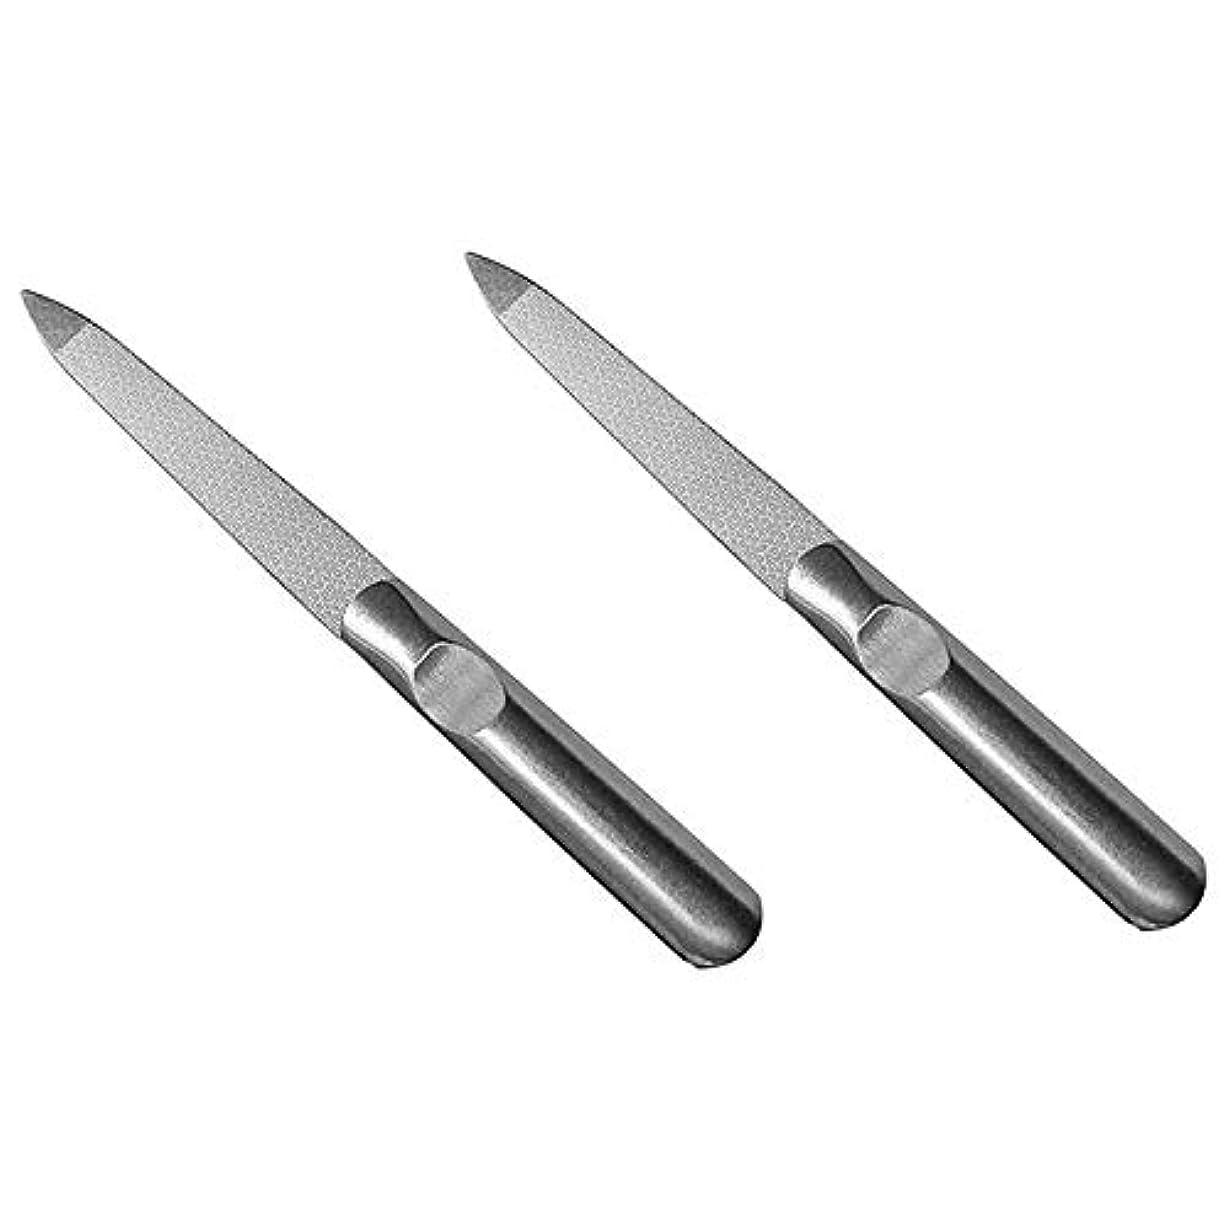 トレイルフィットパスNrpfell 2個 ステンレススチール ネイルファイル 両面マット アーマー美容ツール Yangjiang爪 腐食の防止鎧